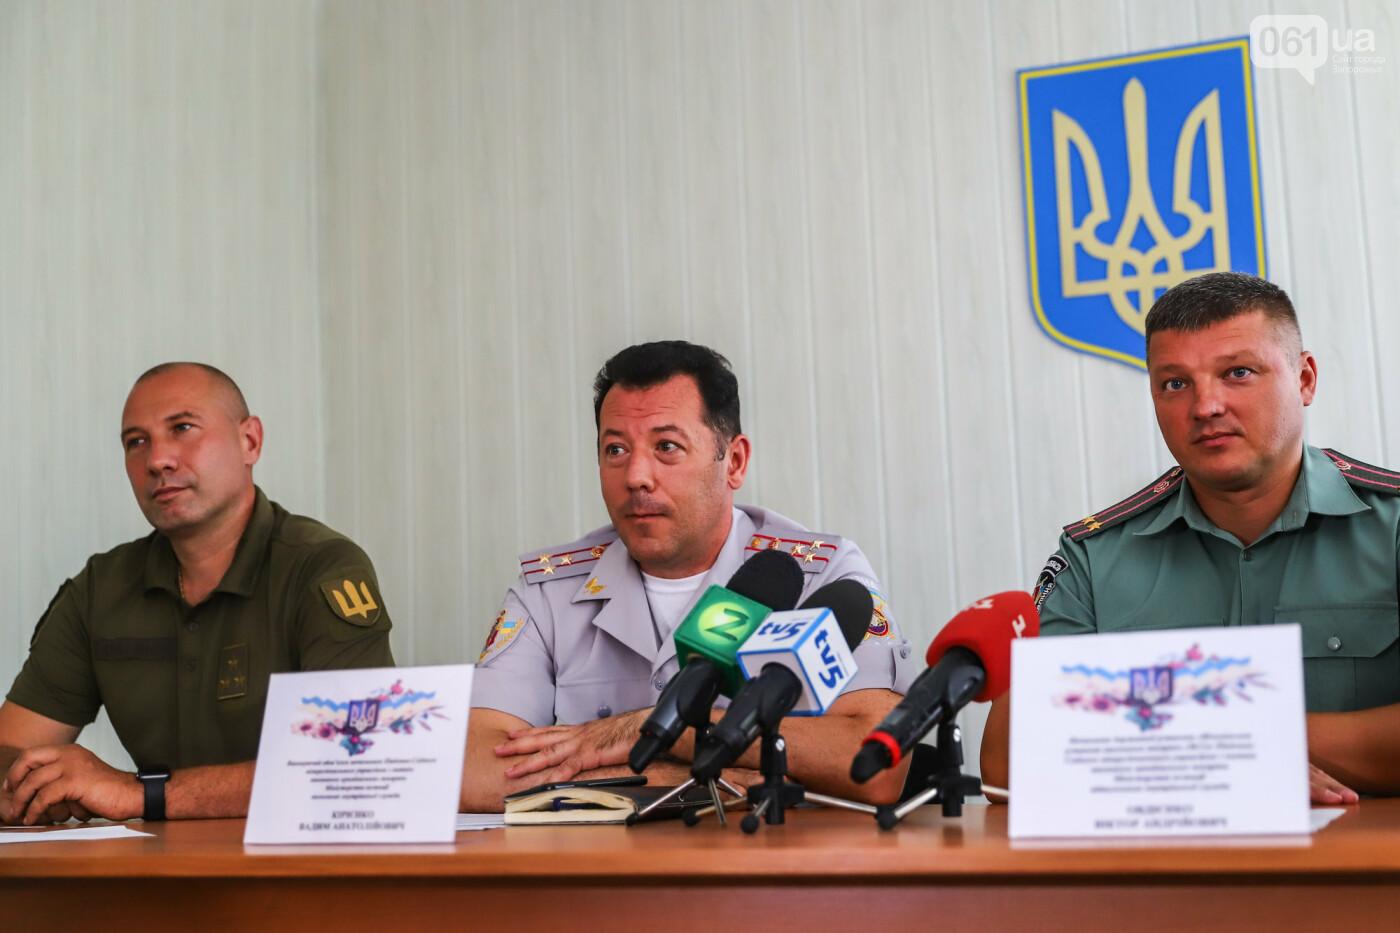 Пока очередей нет: в запорожском СИЗО рассказали, почему подсудимый выкупил все места в VIP-камере , фото-1